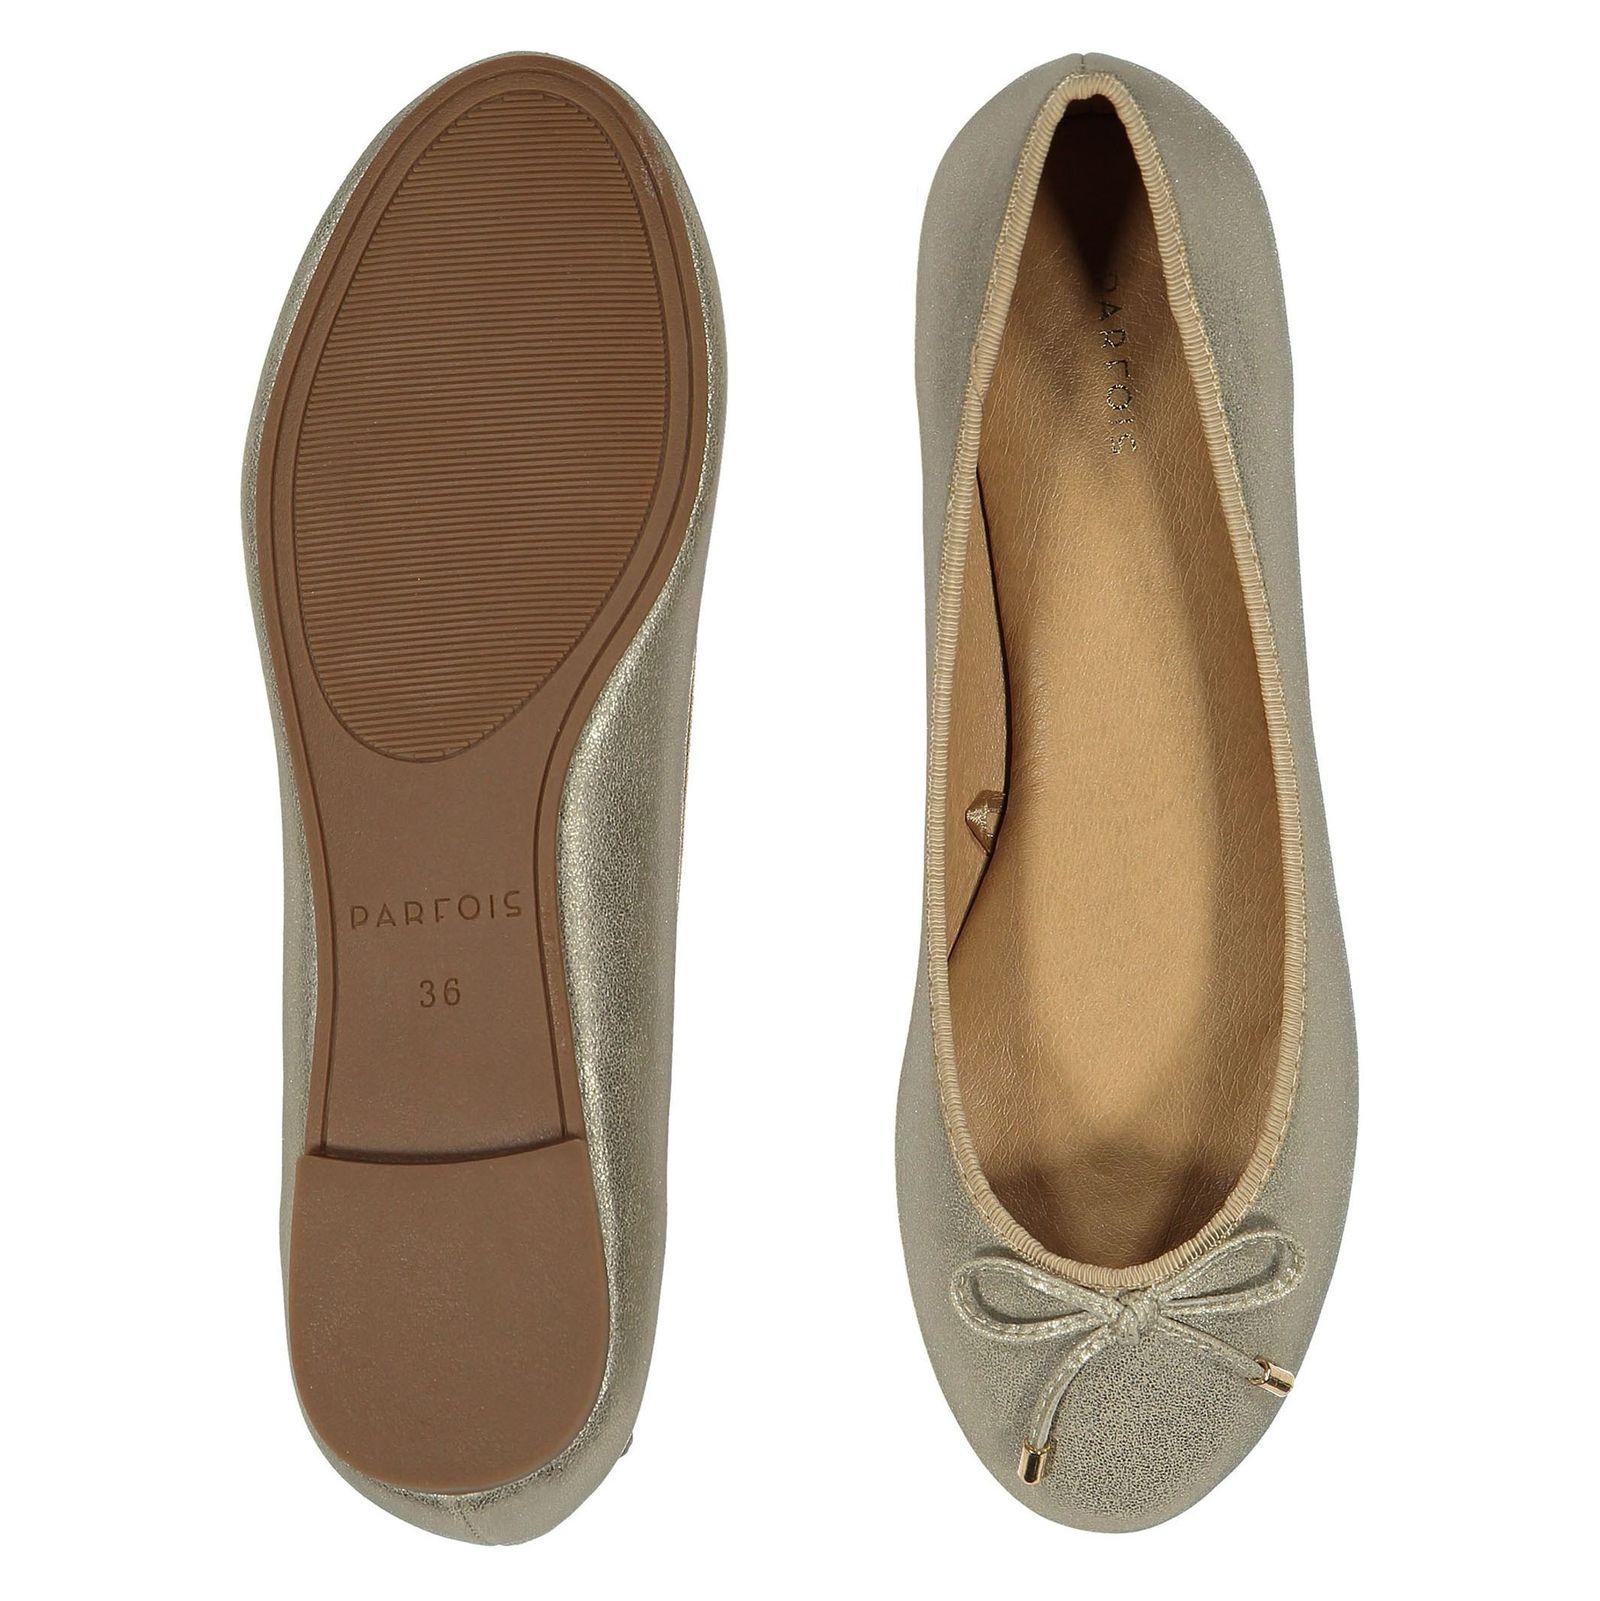 کفش تخت زنانه - پارفوا - طلايي روشن - 2